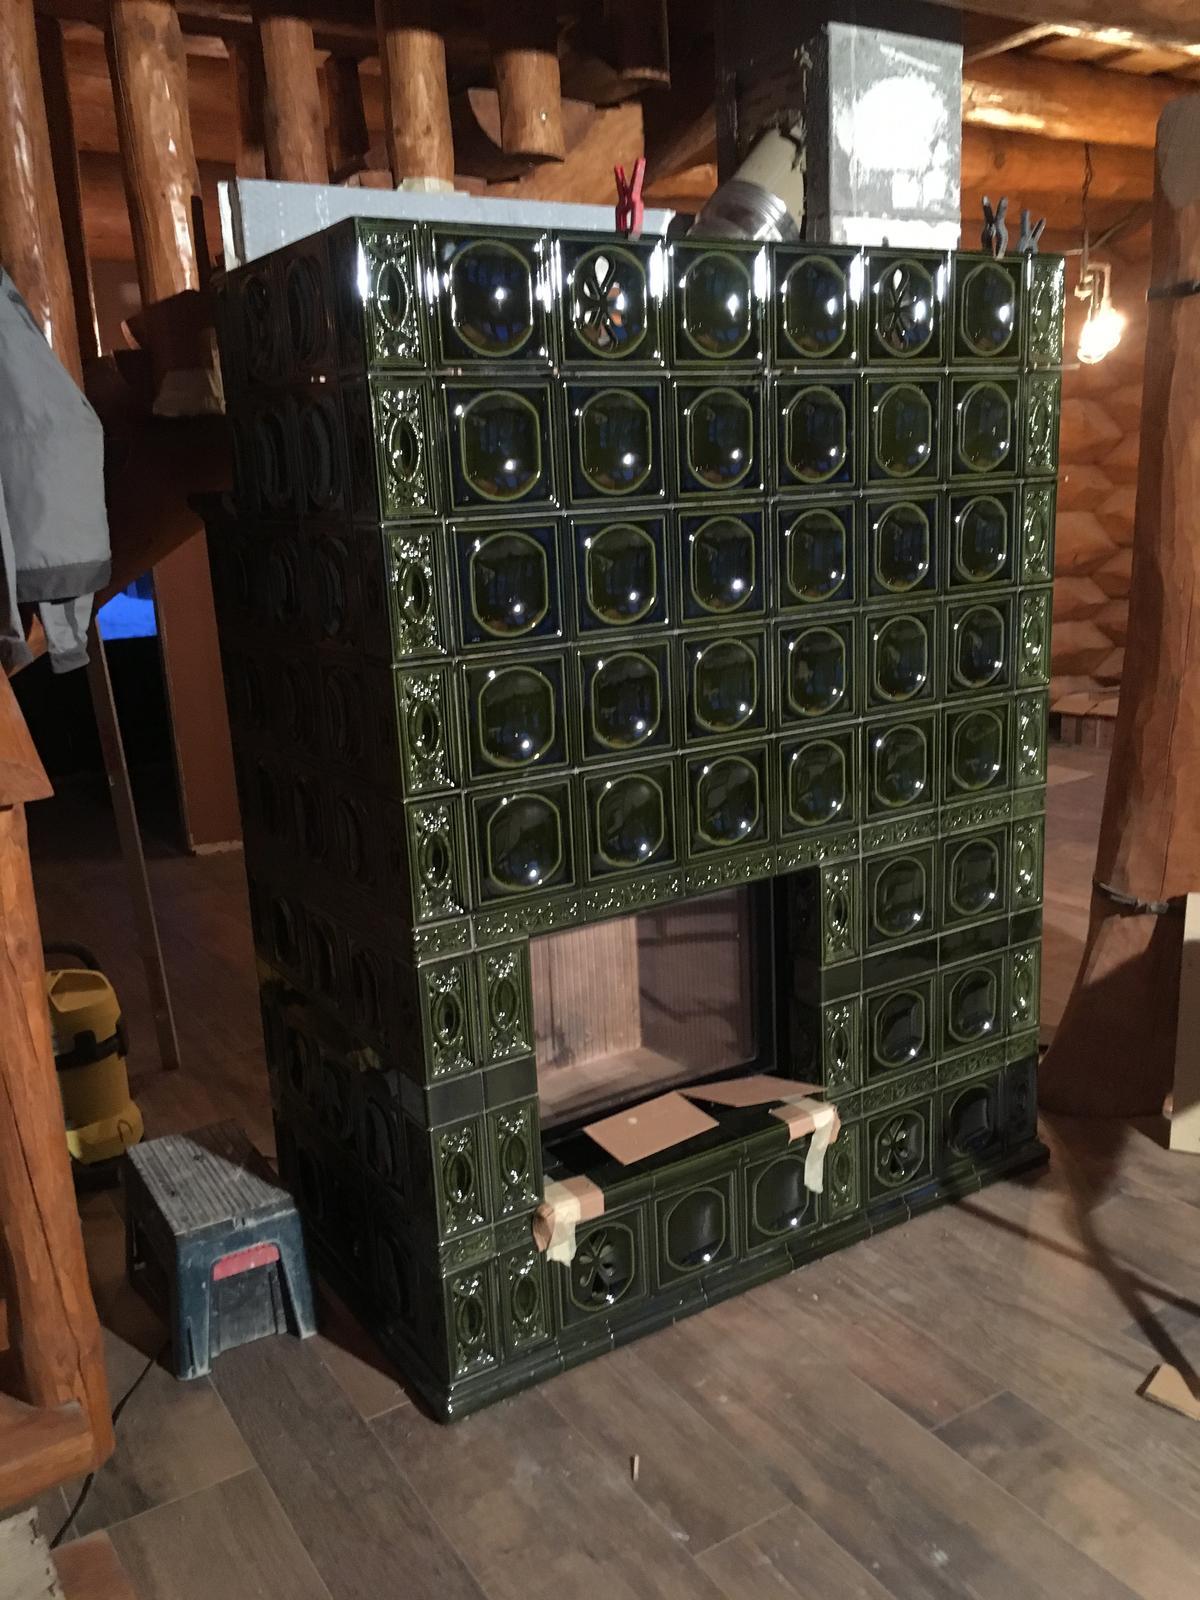 Kachľový teplovodný kozub Hoxter, keramika Kerkotherm v drevenom zrube na horách... - Obrázok č. 5